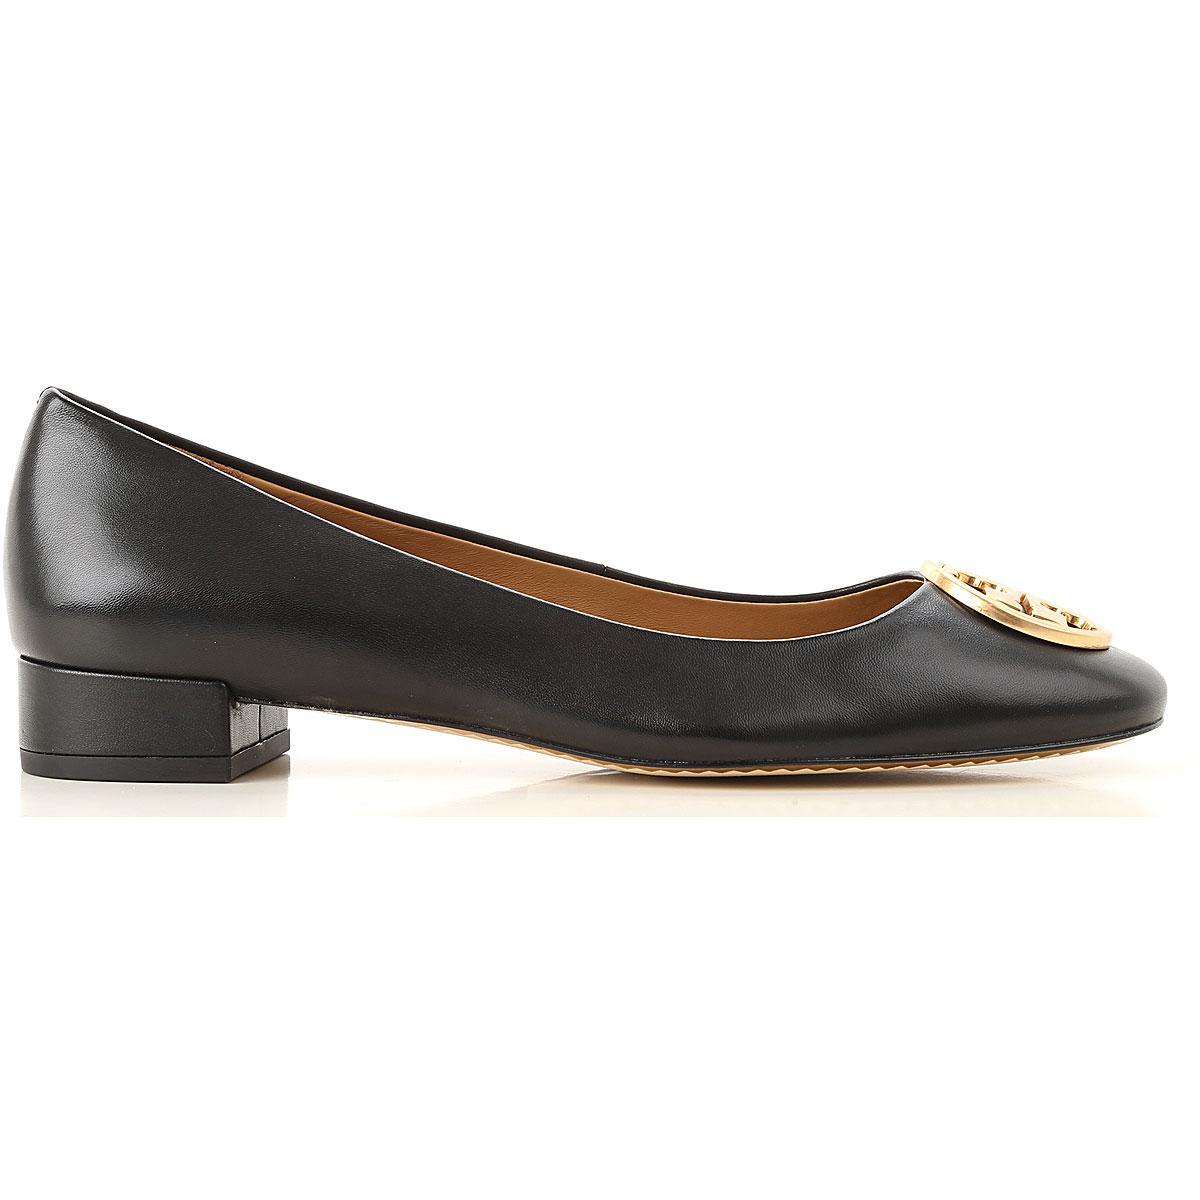 7b6a35affbe0 Tory Burch - Black Ballet Flats Ballerina Shoes For Women - Lyst. View  fullscreen